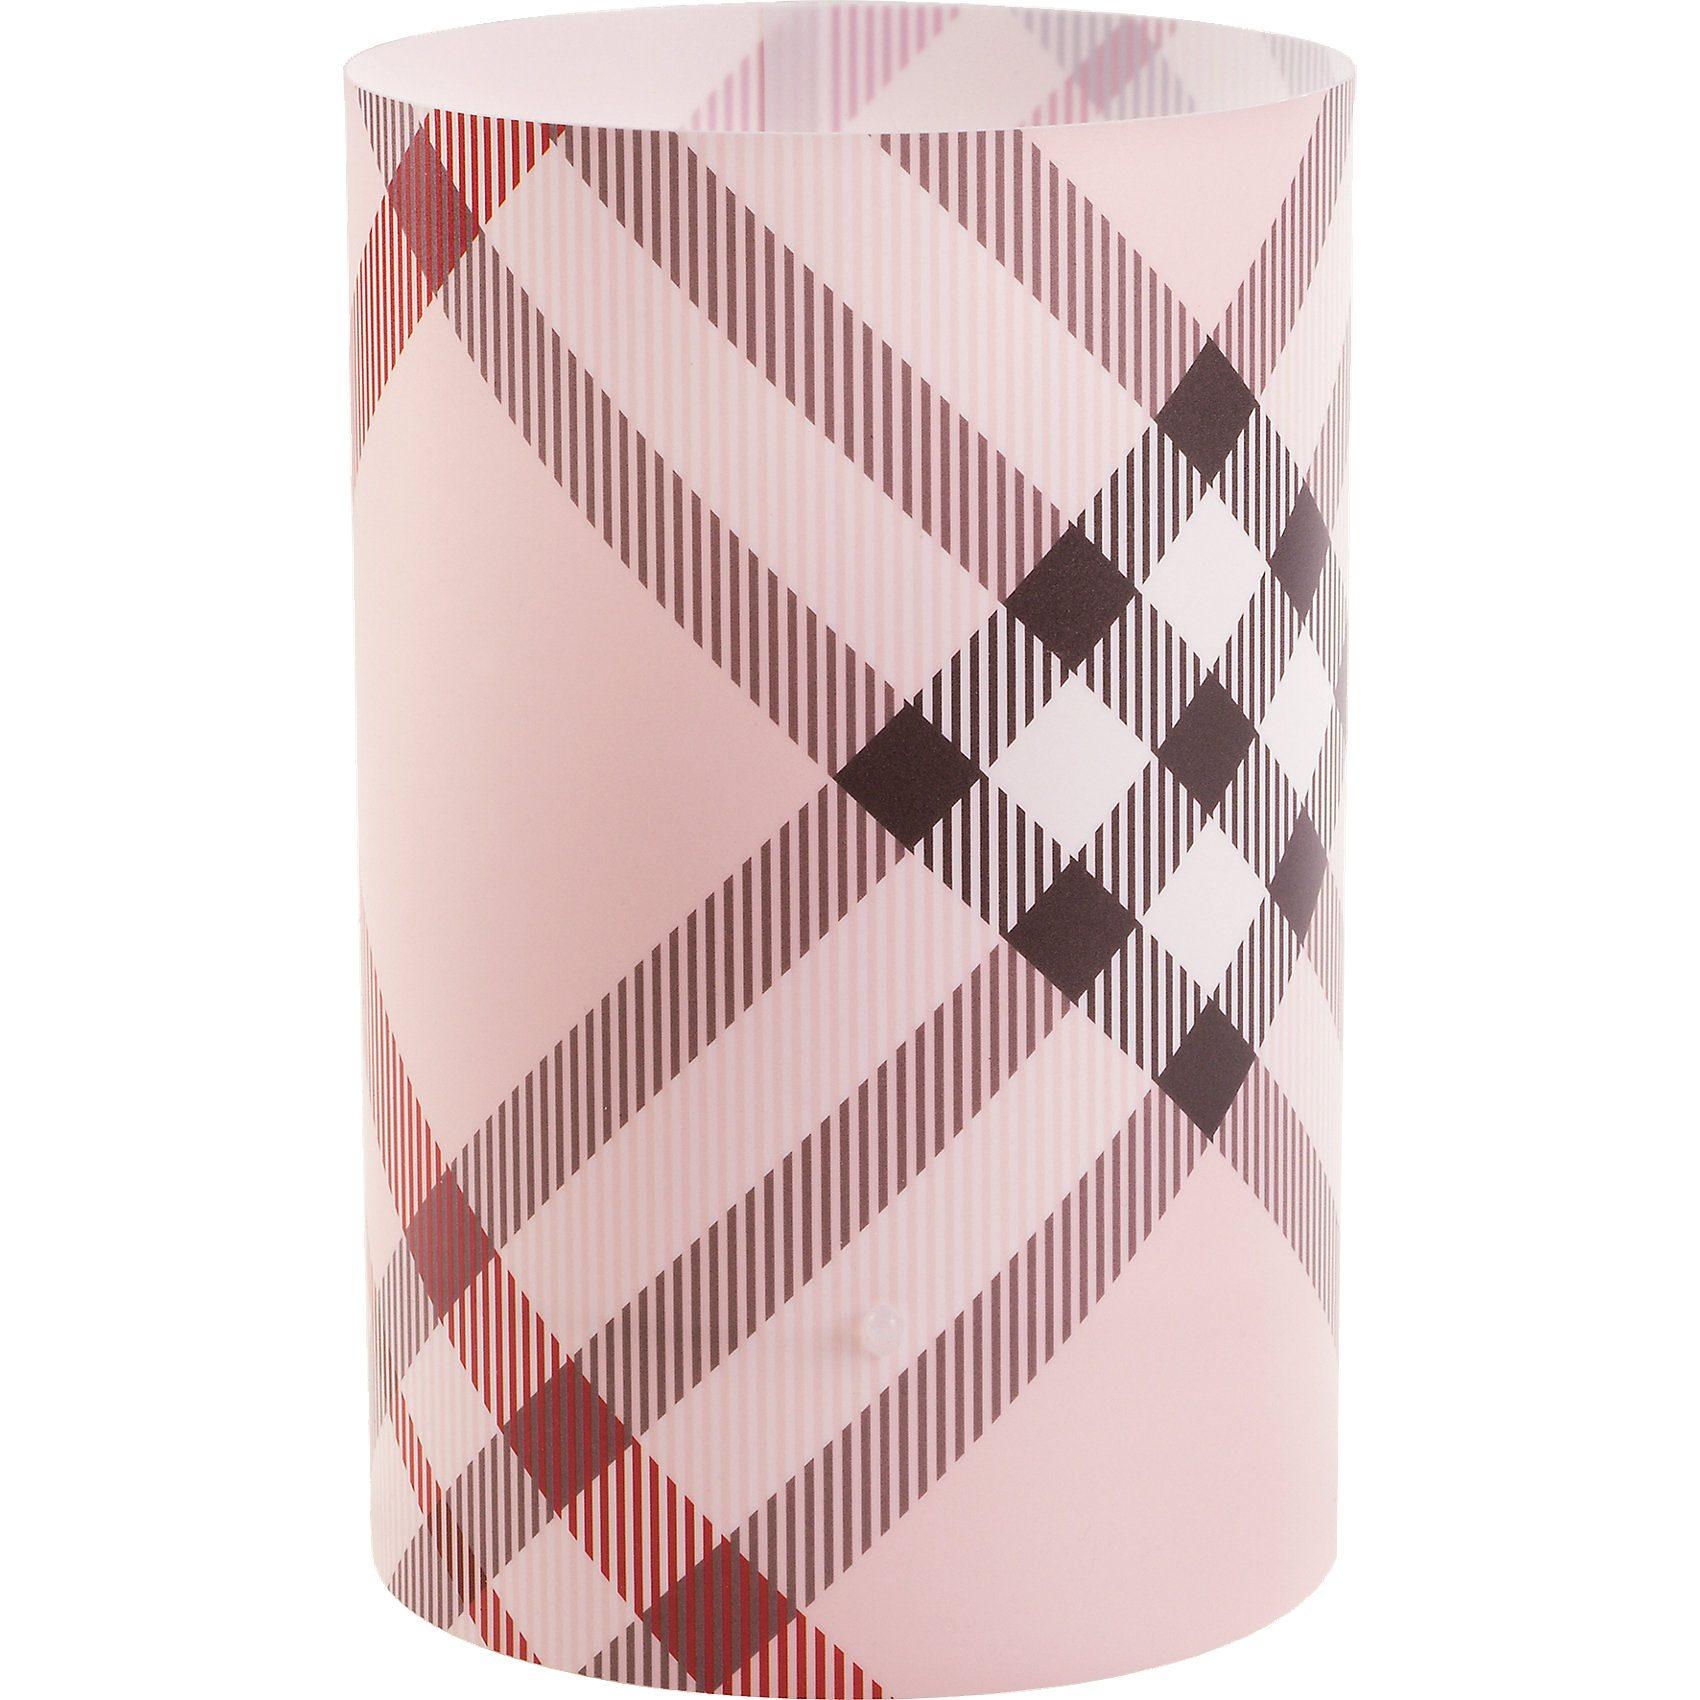 Dalber Tischlampe Streifen, rosa